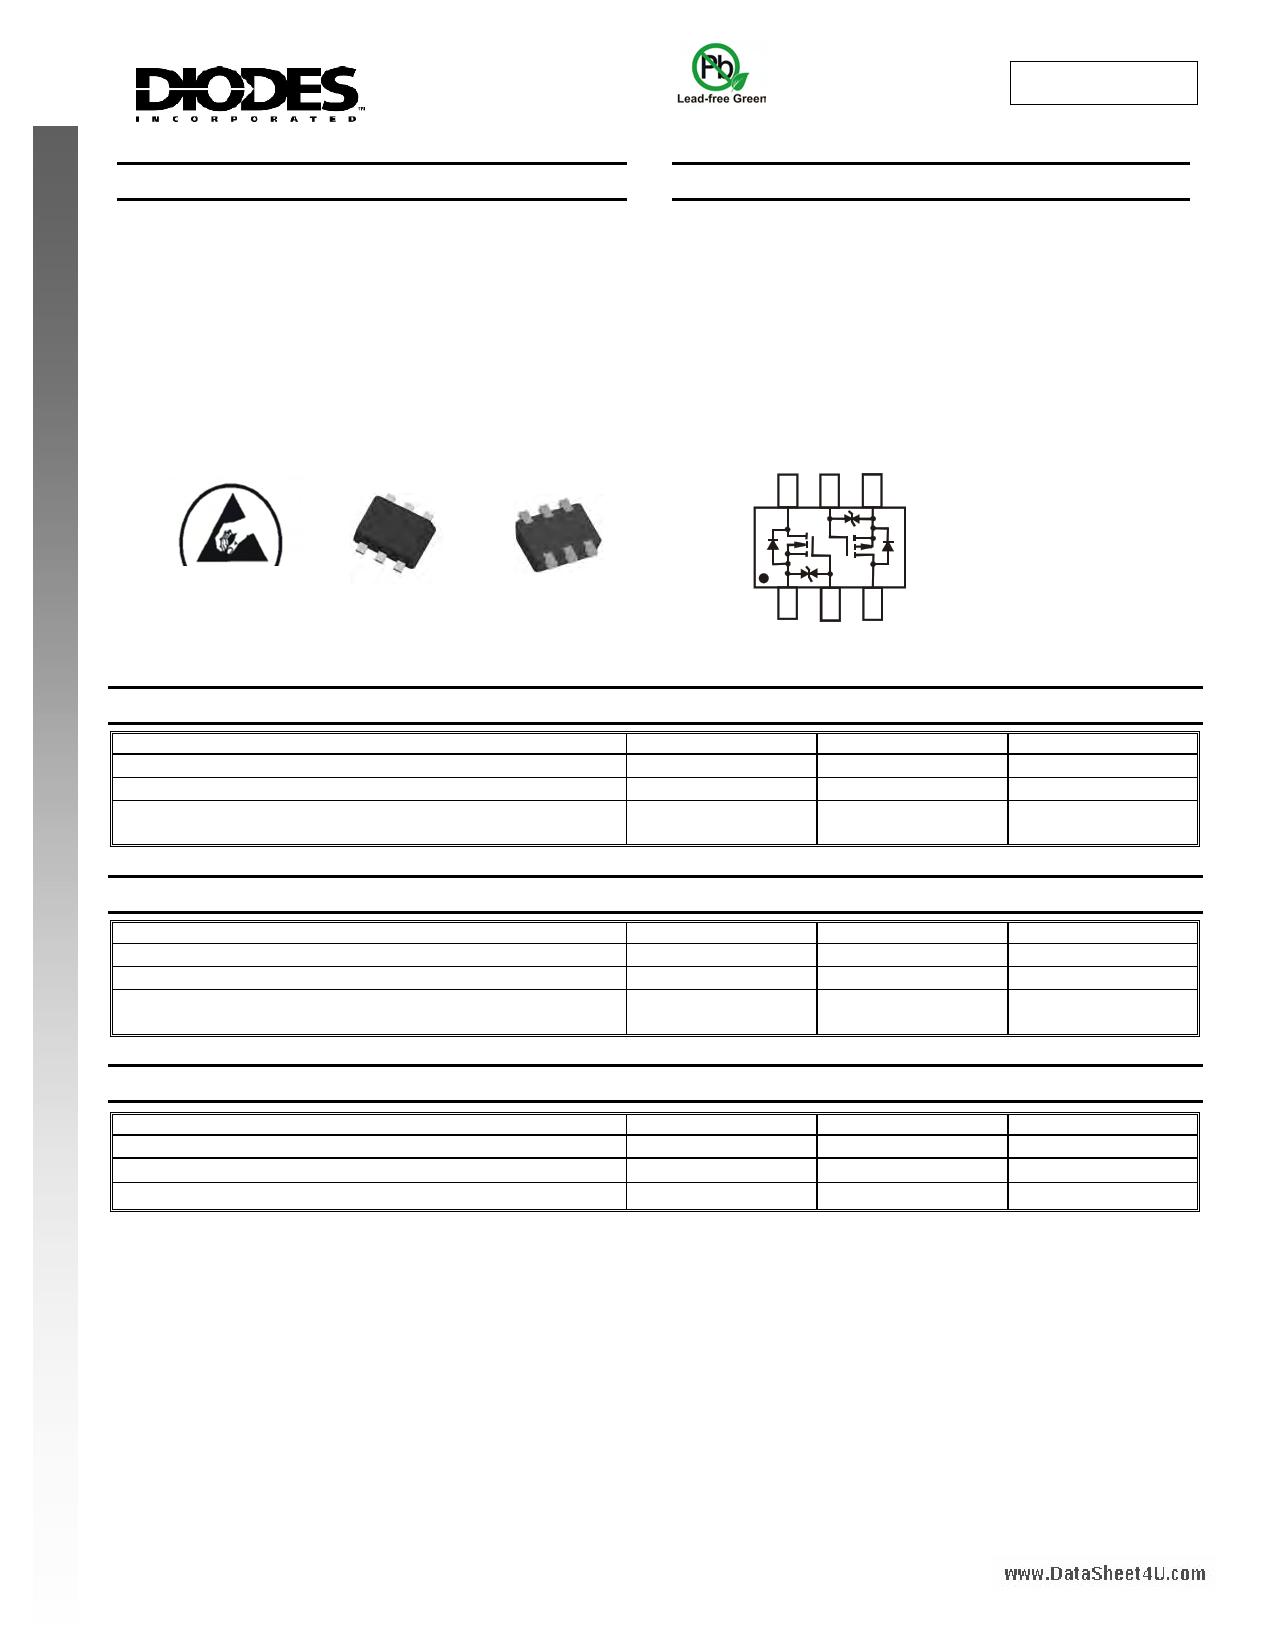 DMC2004VK datasheet